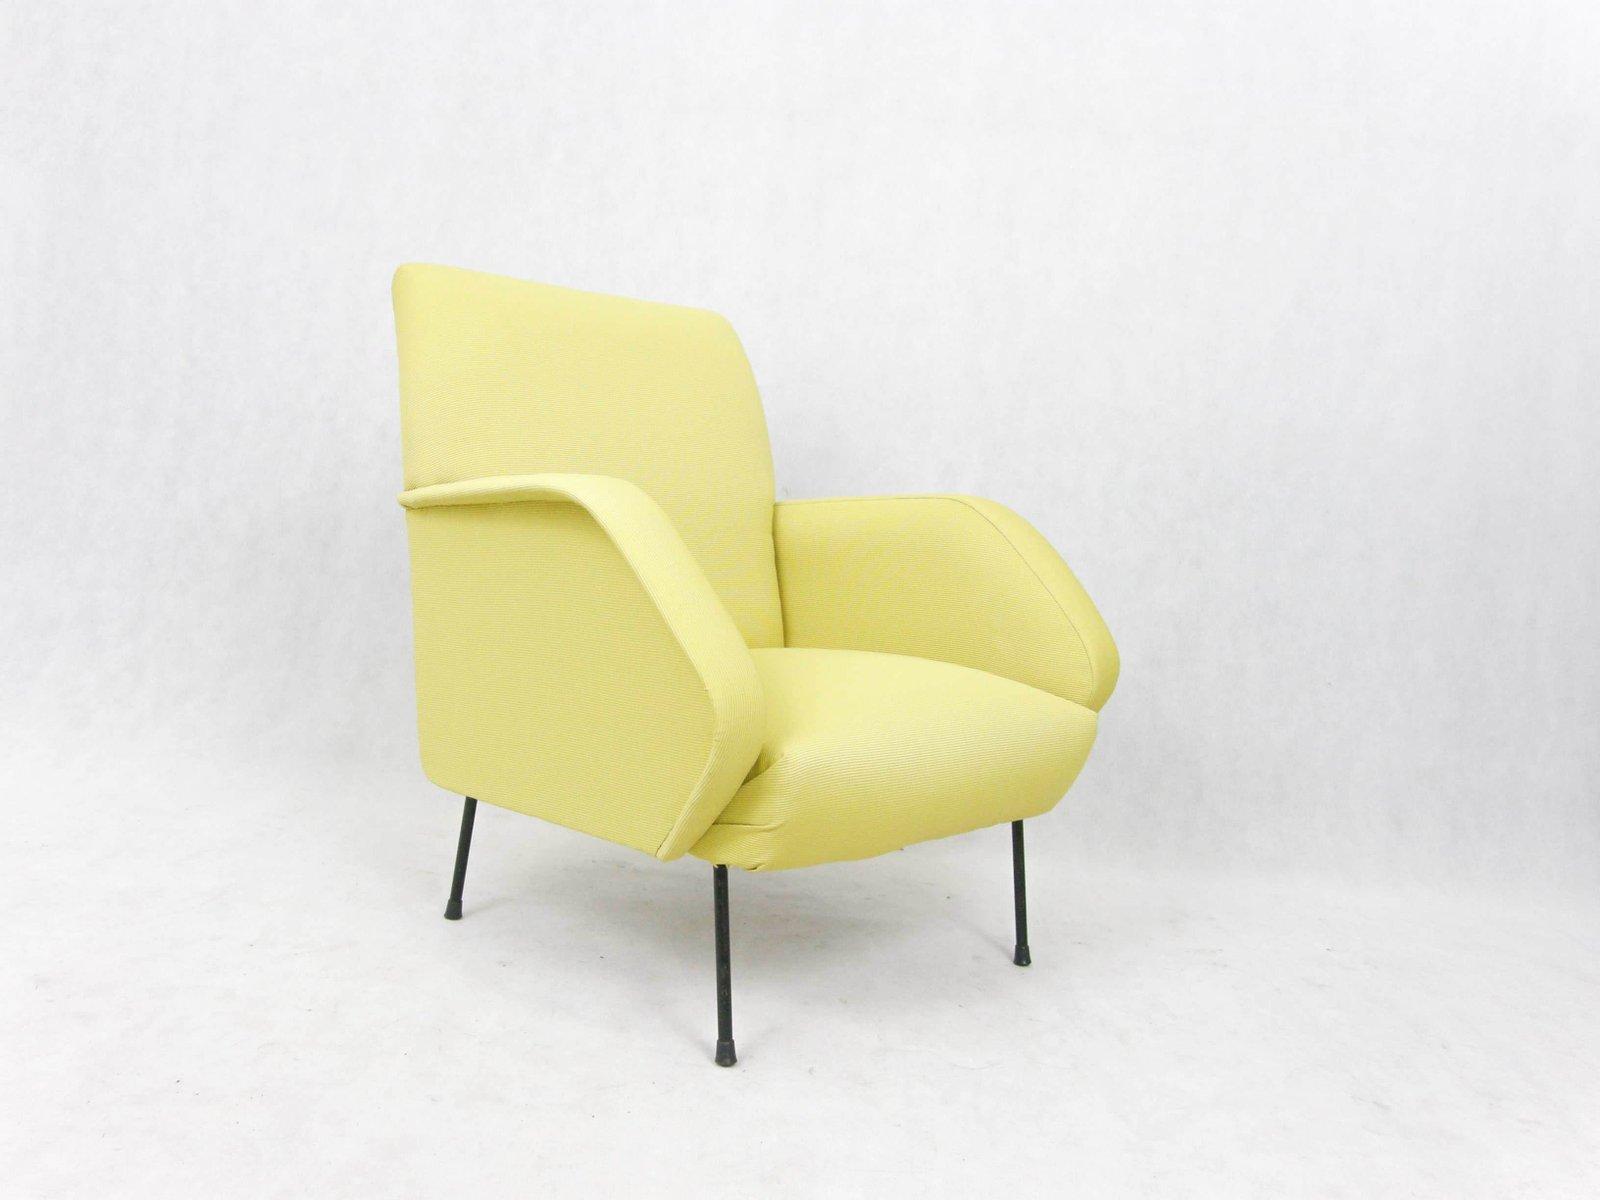 Gelbe italienische vintage sessel 2er set bei pamono kaufen for Italienische sessel design